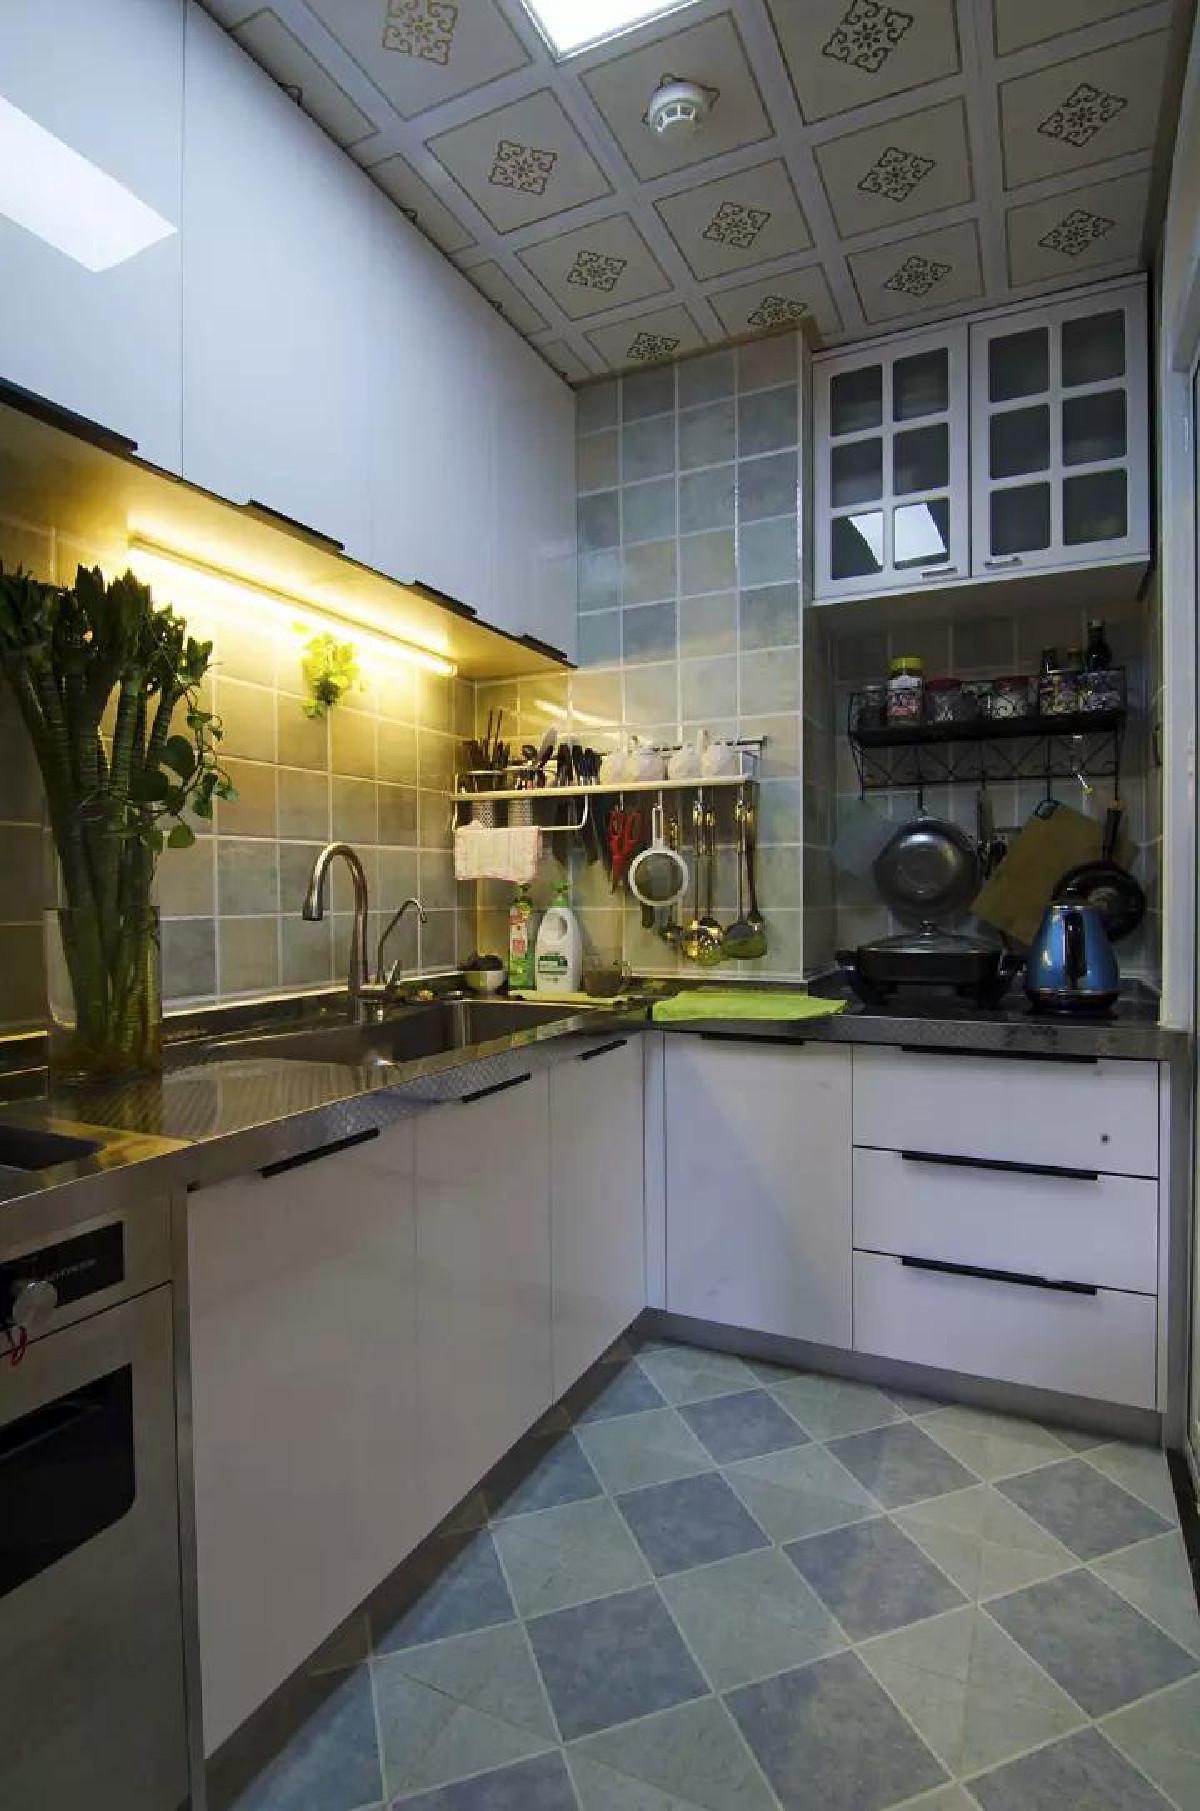 """厨房在橱柜上方也装了逛逛来提升操作台面的光线,避免在洗菜做菜的时候""""黑灯瞎火""""看不清,挂钩上简洁的把各种厨具收纳整齐;独特的多色瓷砖,结合白色橱柜与花色铝扣板,整体简洁又美观"""